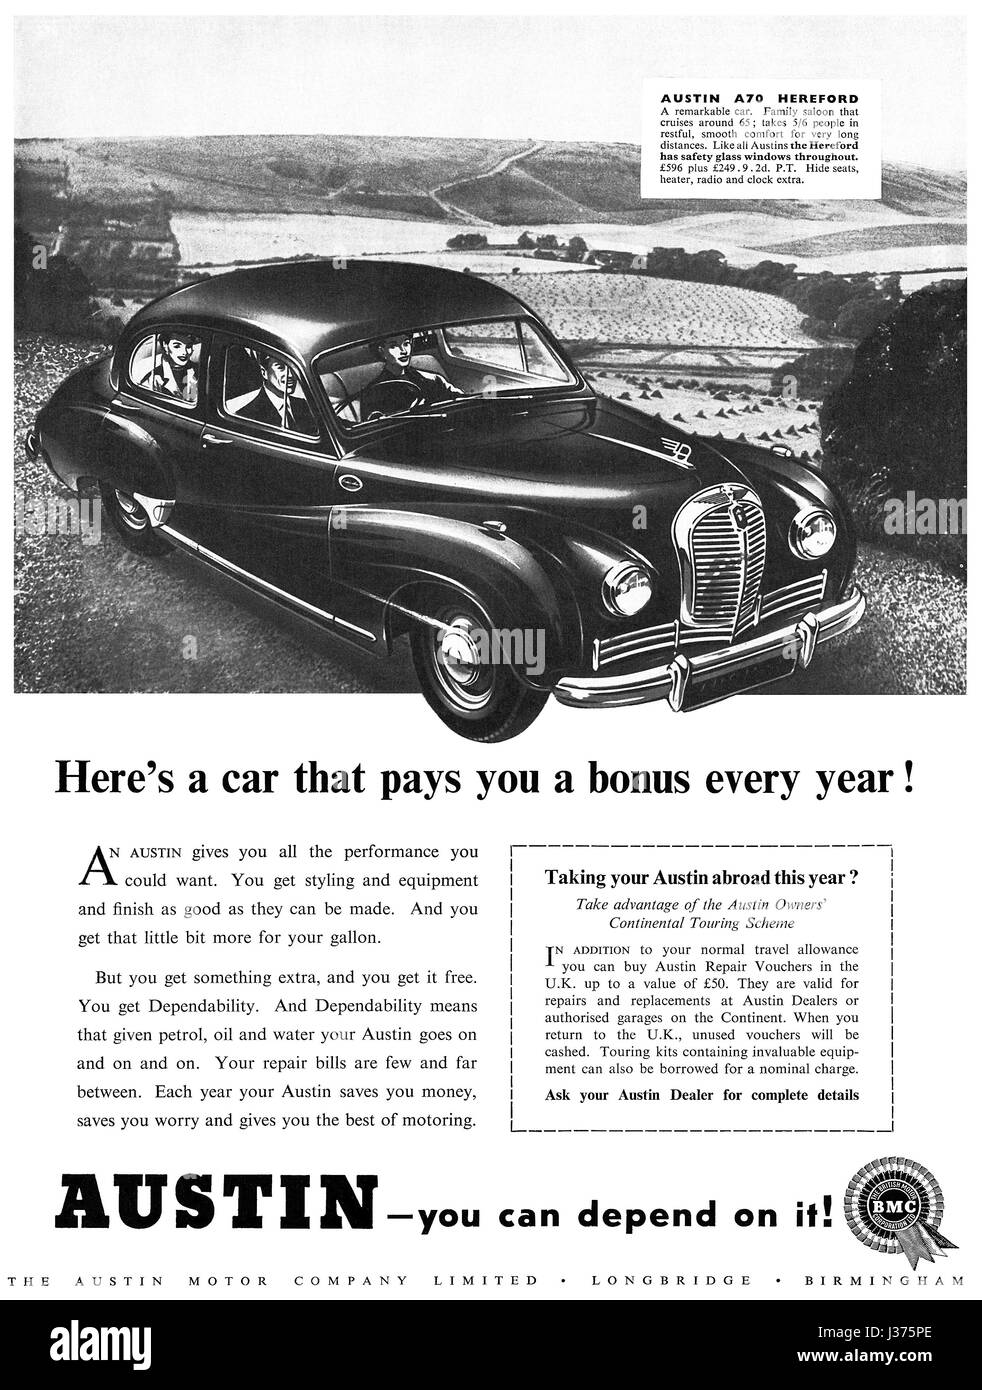 1950s British Car Design Stock Photos & 1950s British Car Design